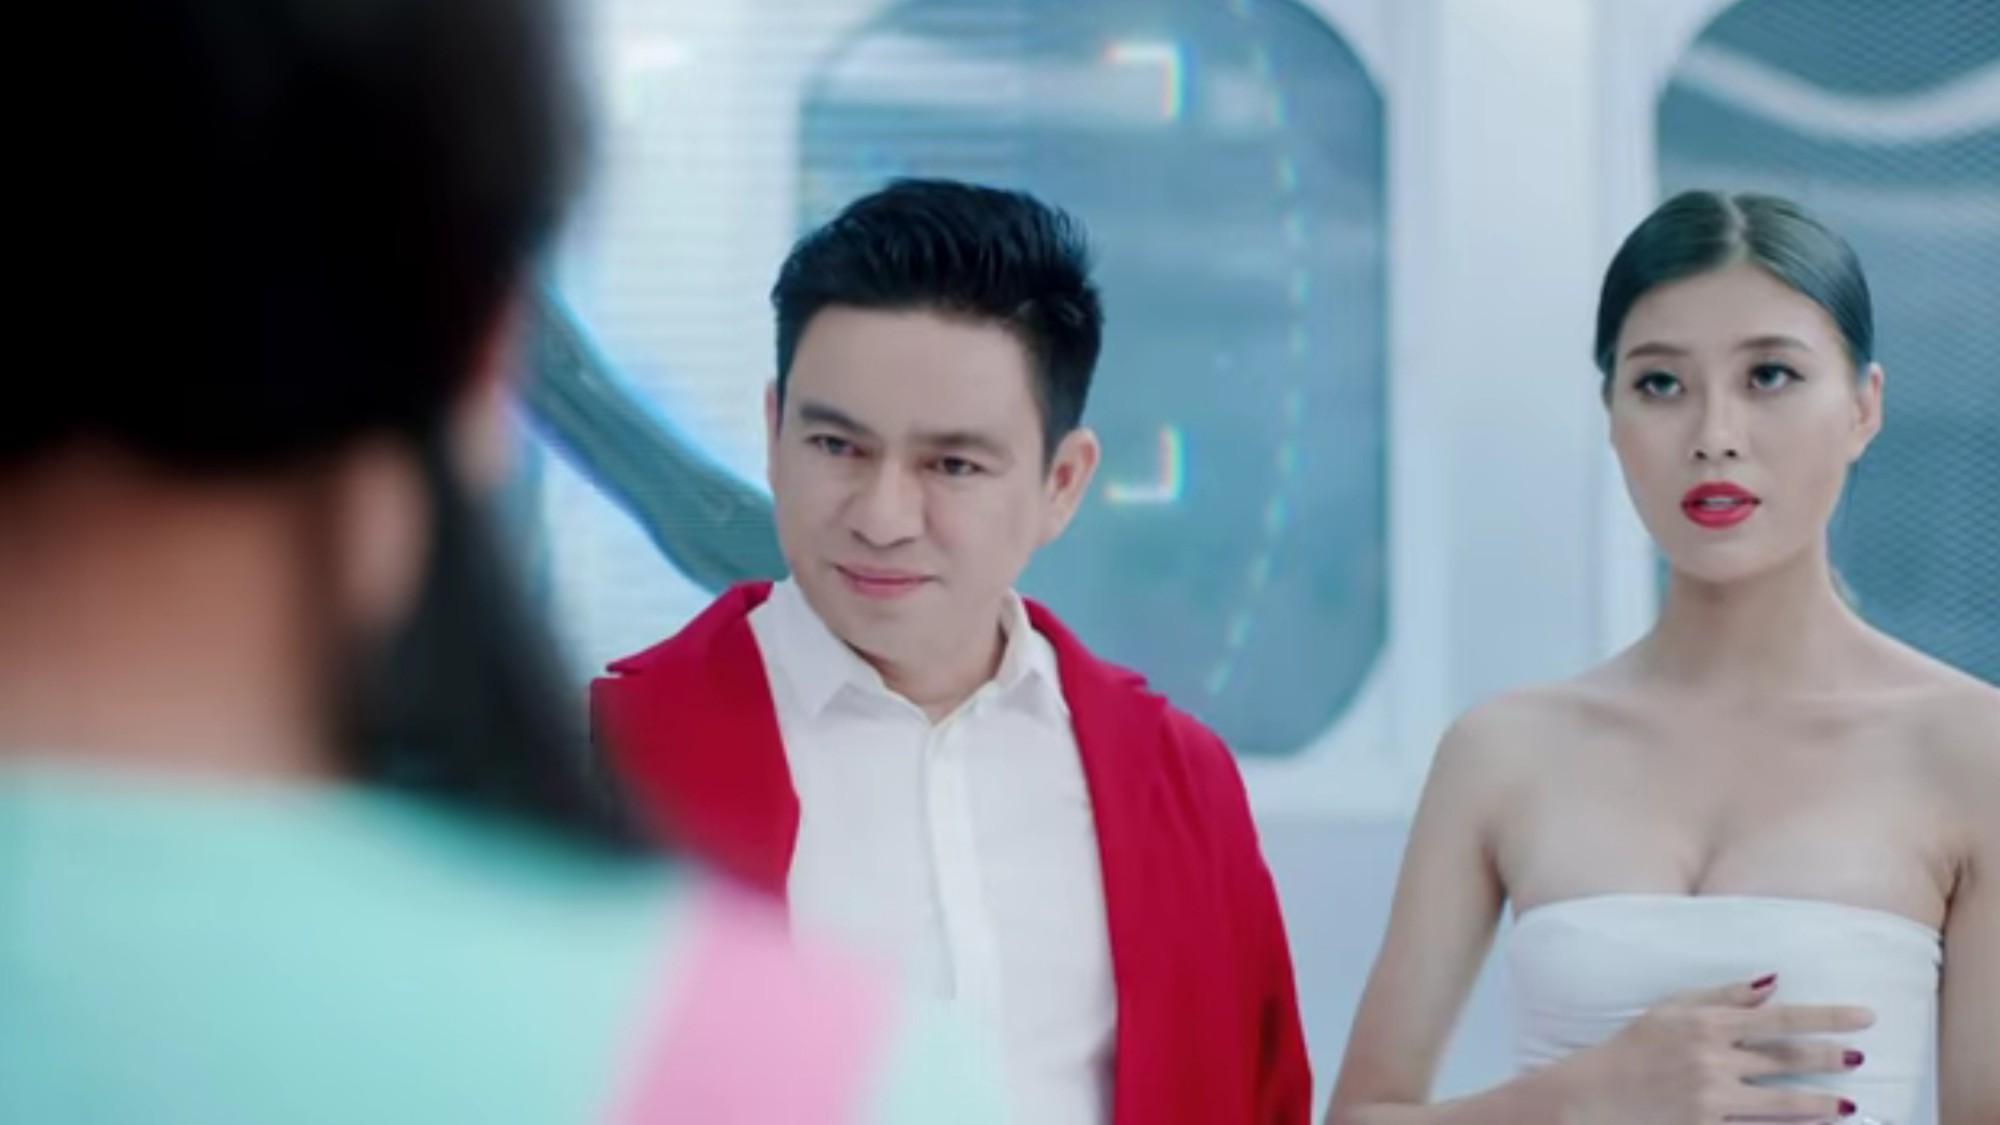 Bác sĩ Chiêm Quốc Thái bất ngờ xuất hiện trong MV của Hồ Ngọc Hà - Ảnh 1.